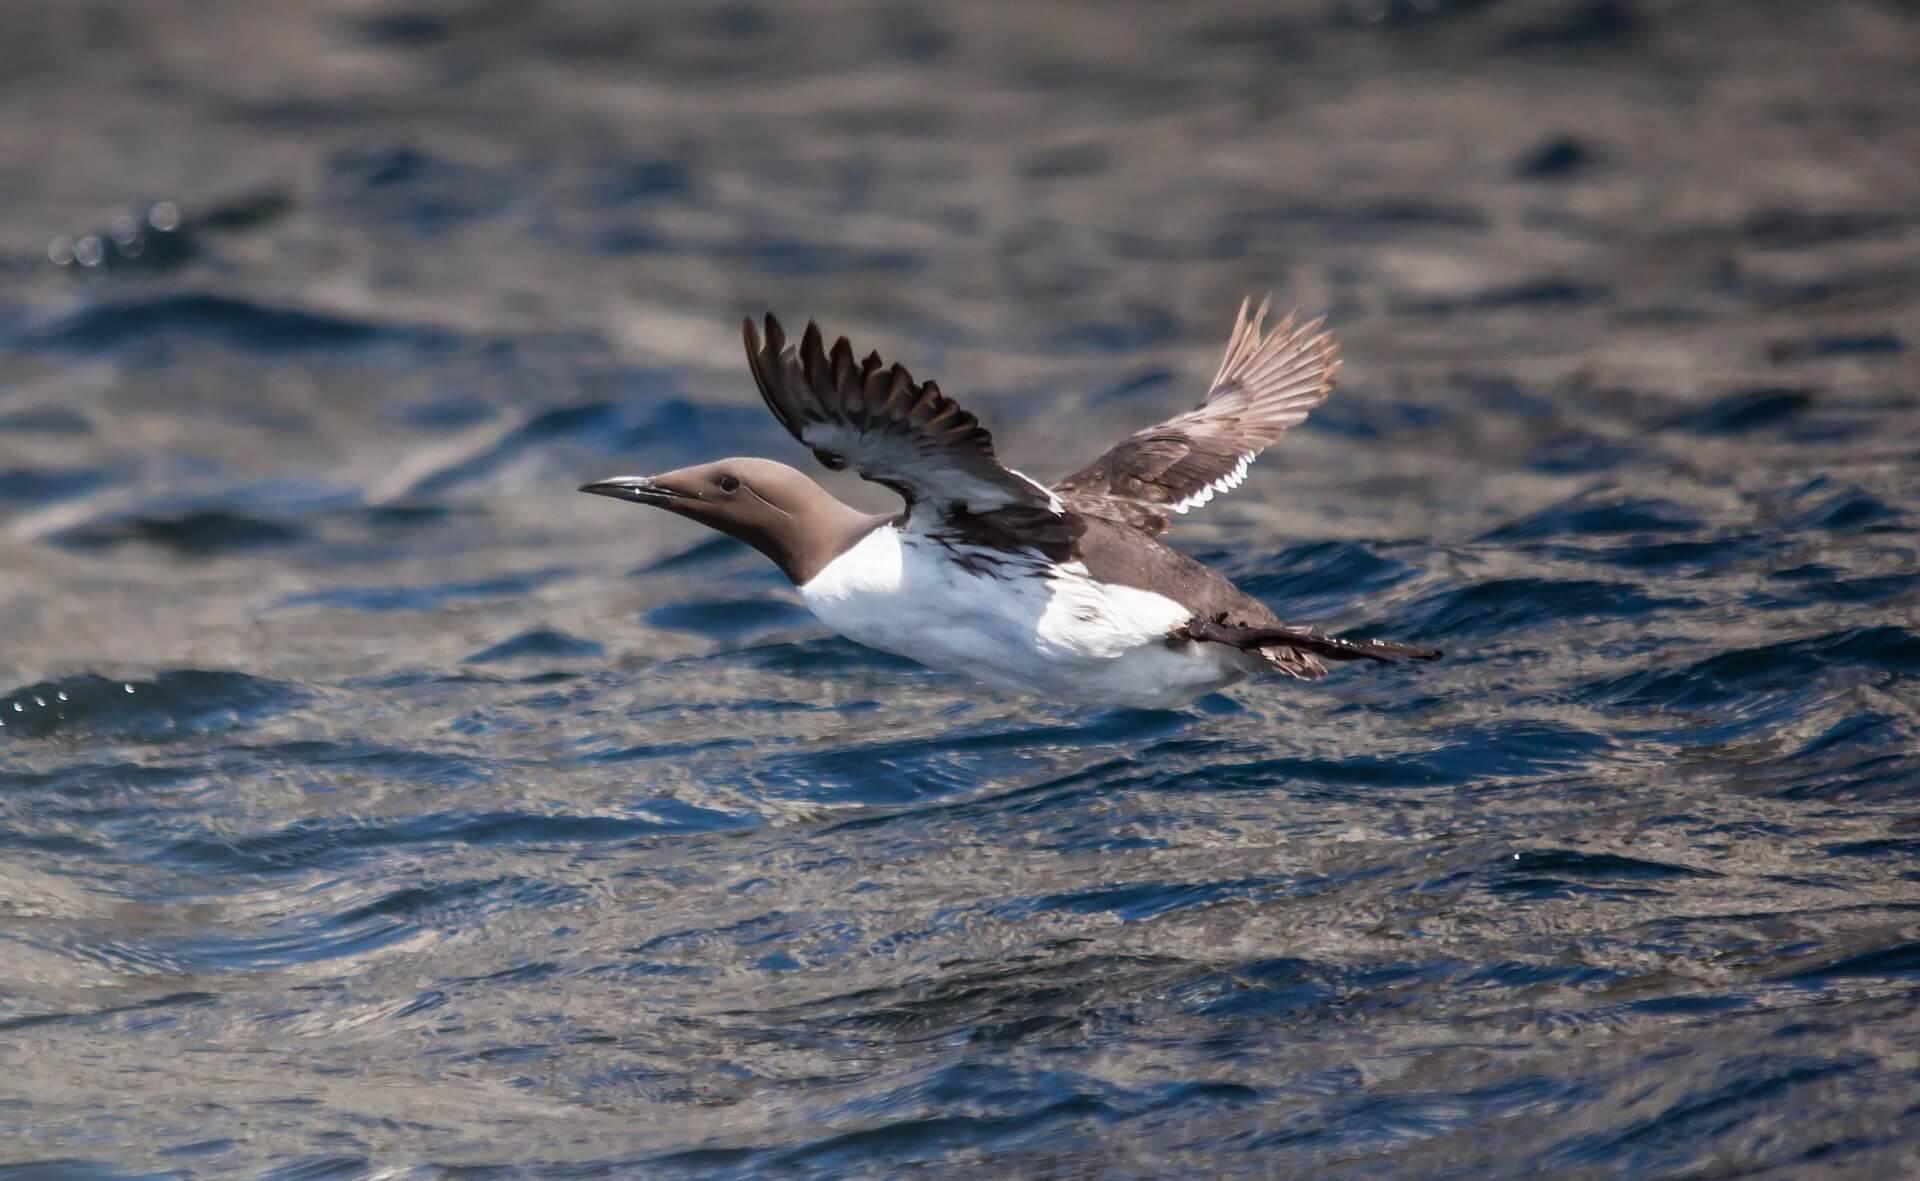 Natthikos Betraktelser: Den Tuffaste Fågeln